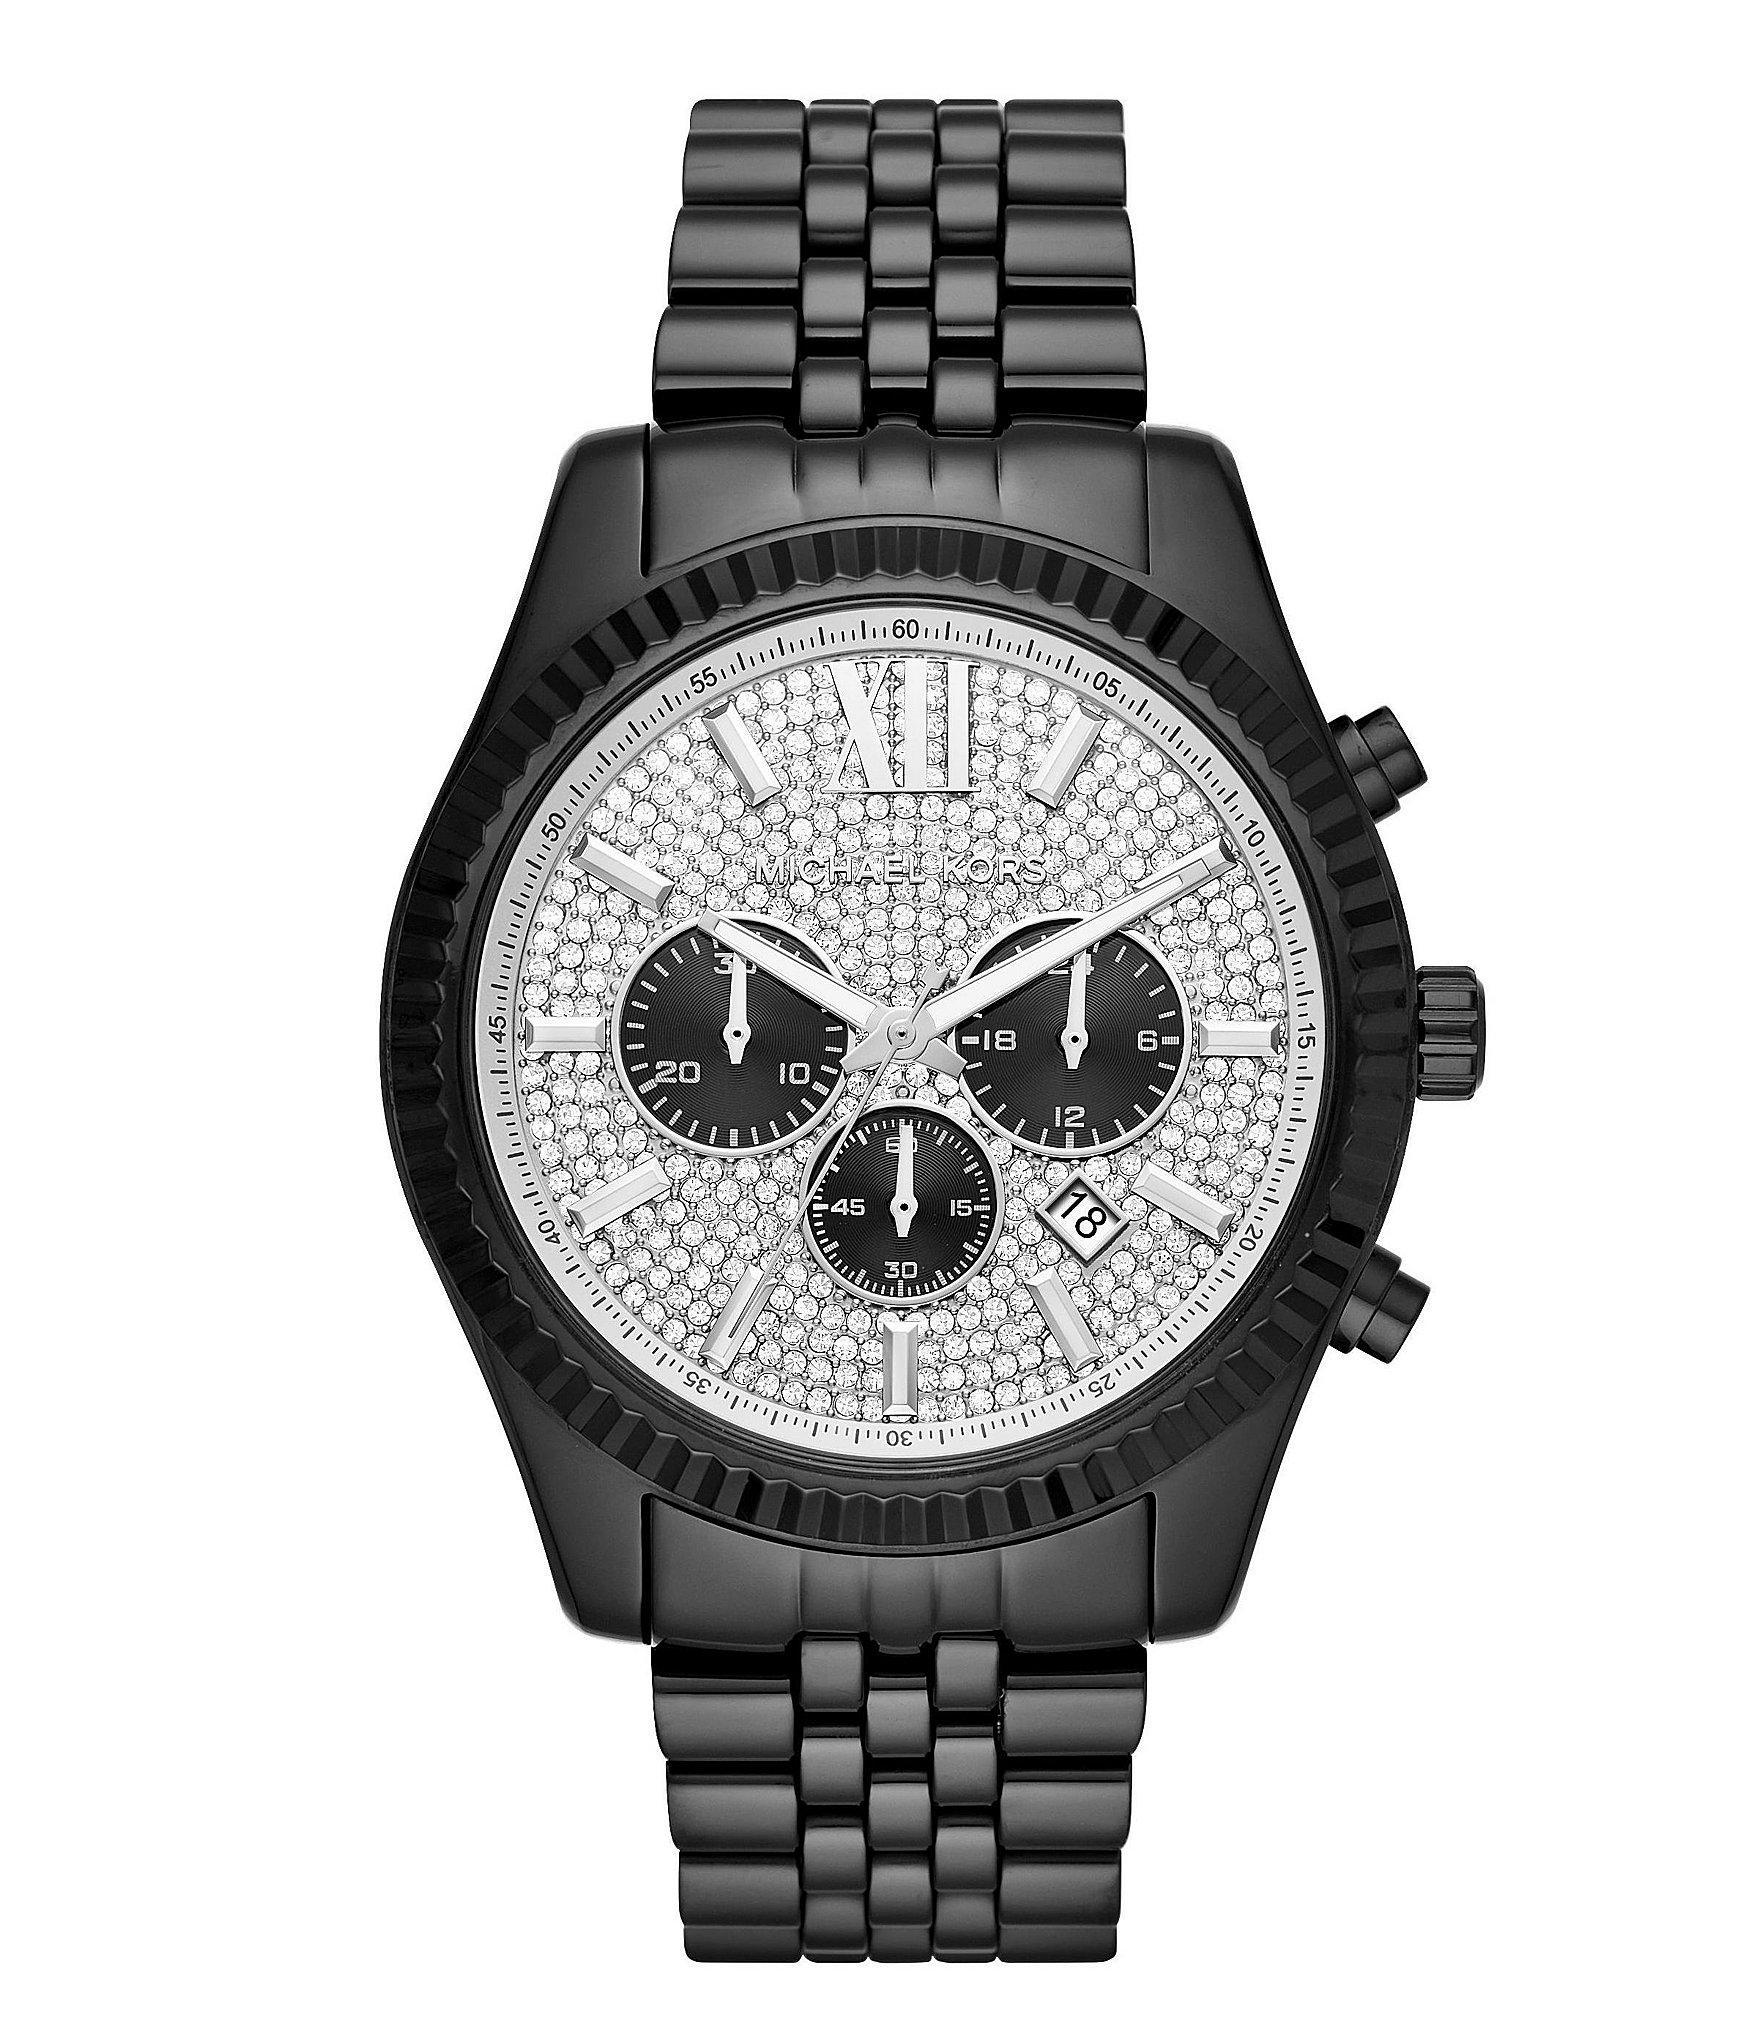 7c9a50a10e10 Lyst - Michael Kors Men s Lexington Black Ip Watch in Black for Men